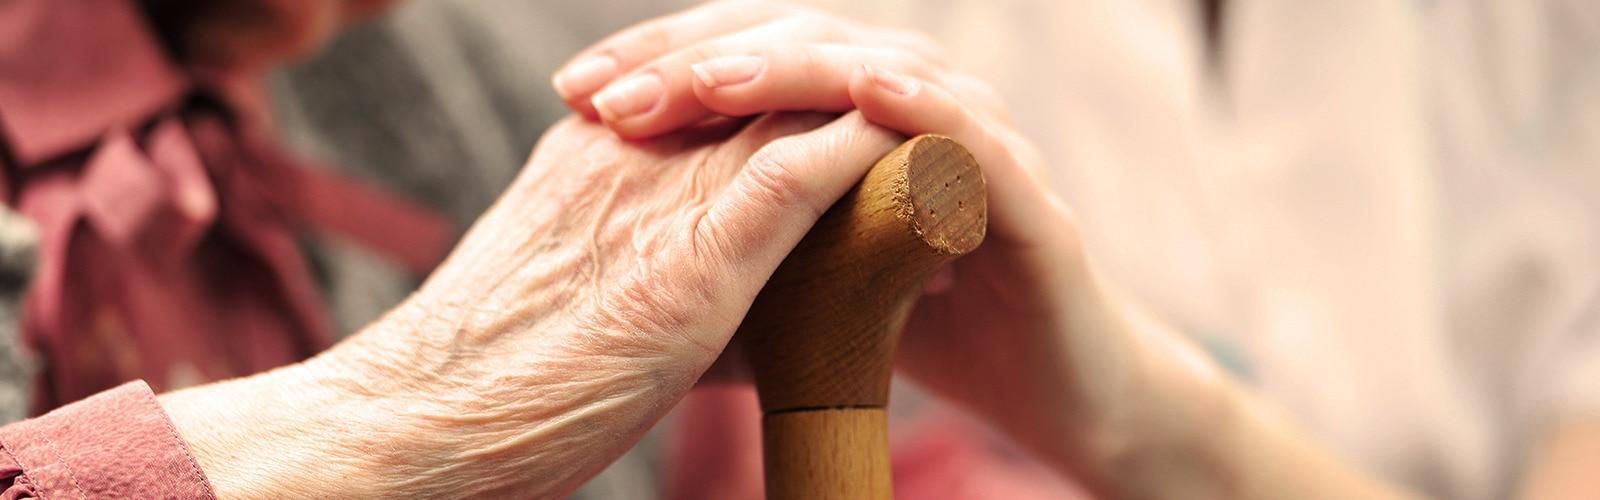 Пожилая и молодая женщины держатся за руки— найдите поддержку в местных организациях и благотворительных фондах